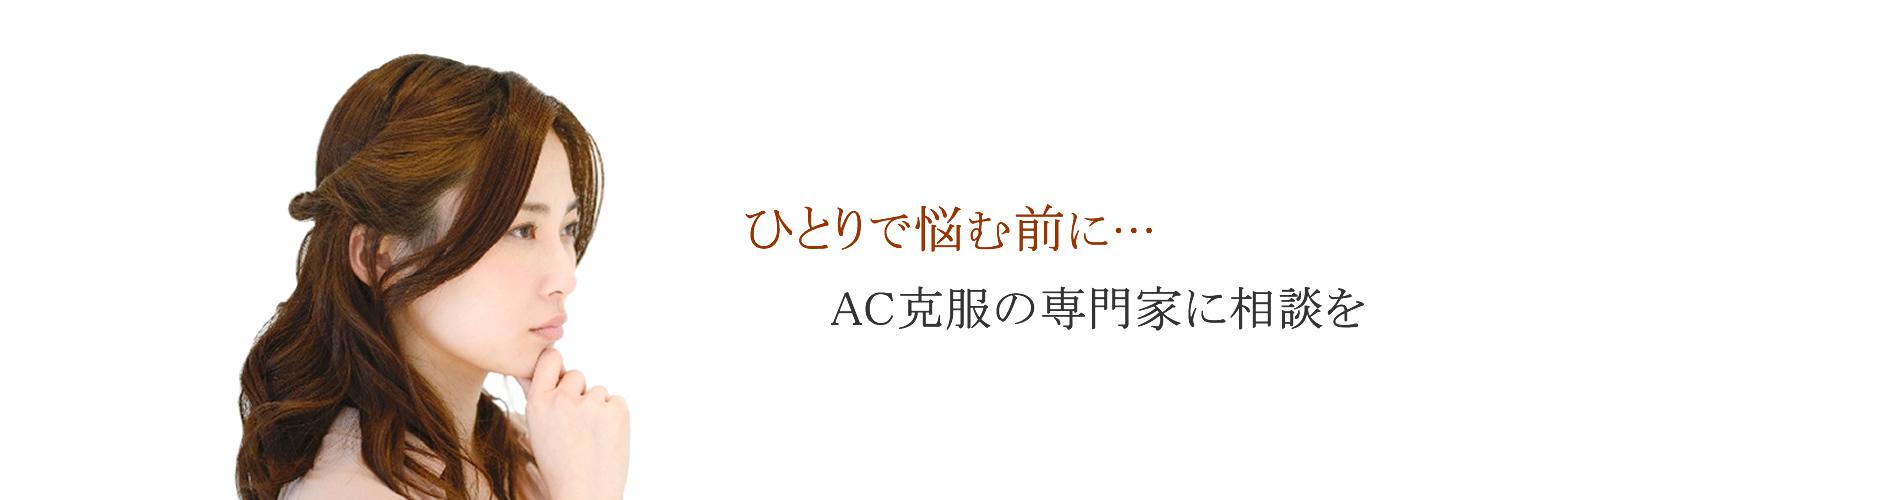 アダルトチルドレン専門カウンセリング(大阪)